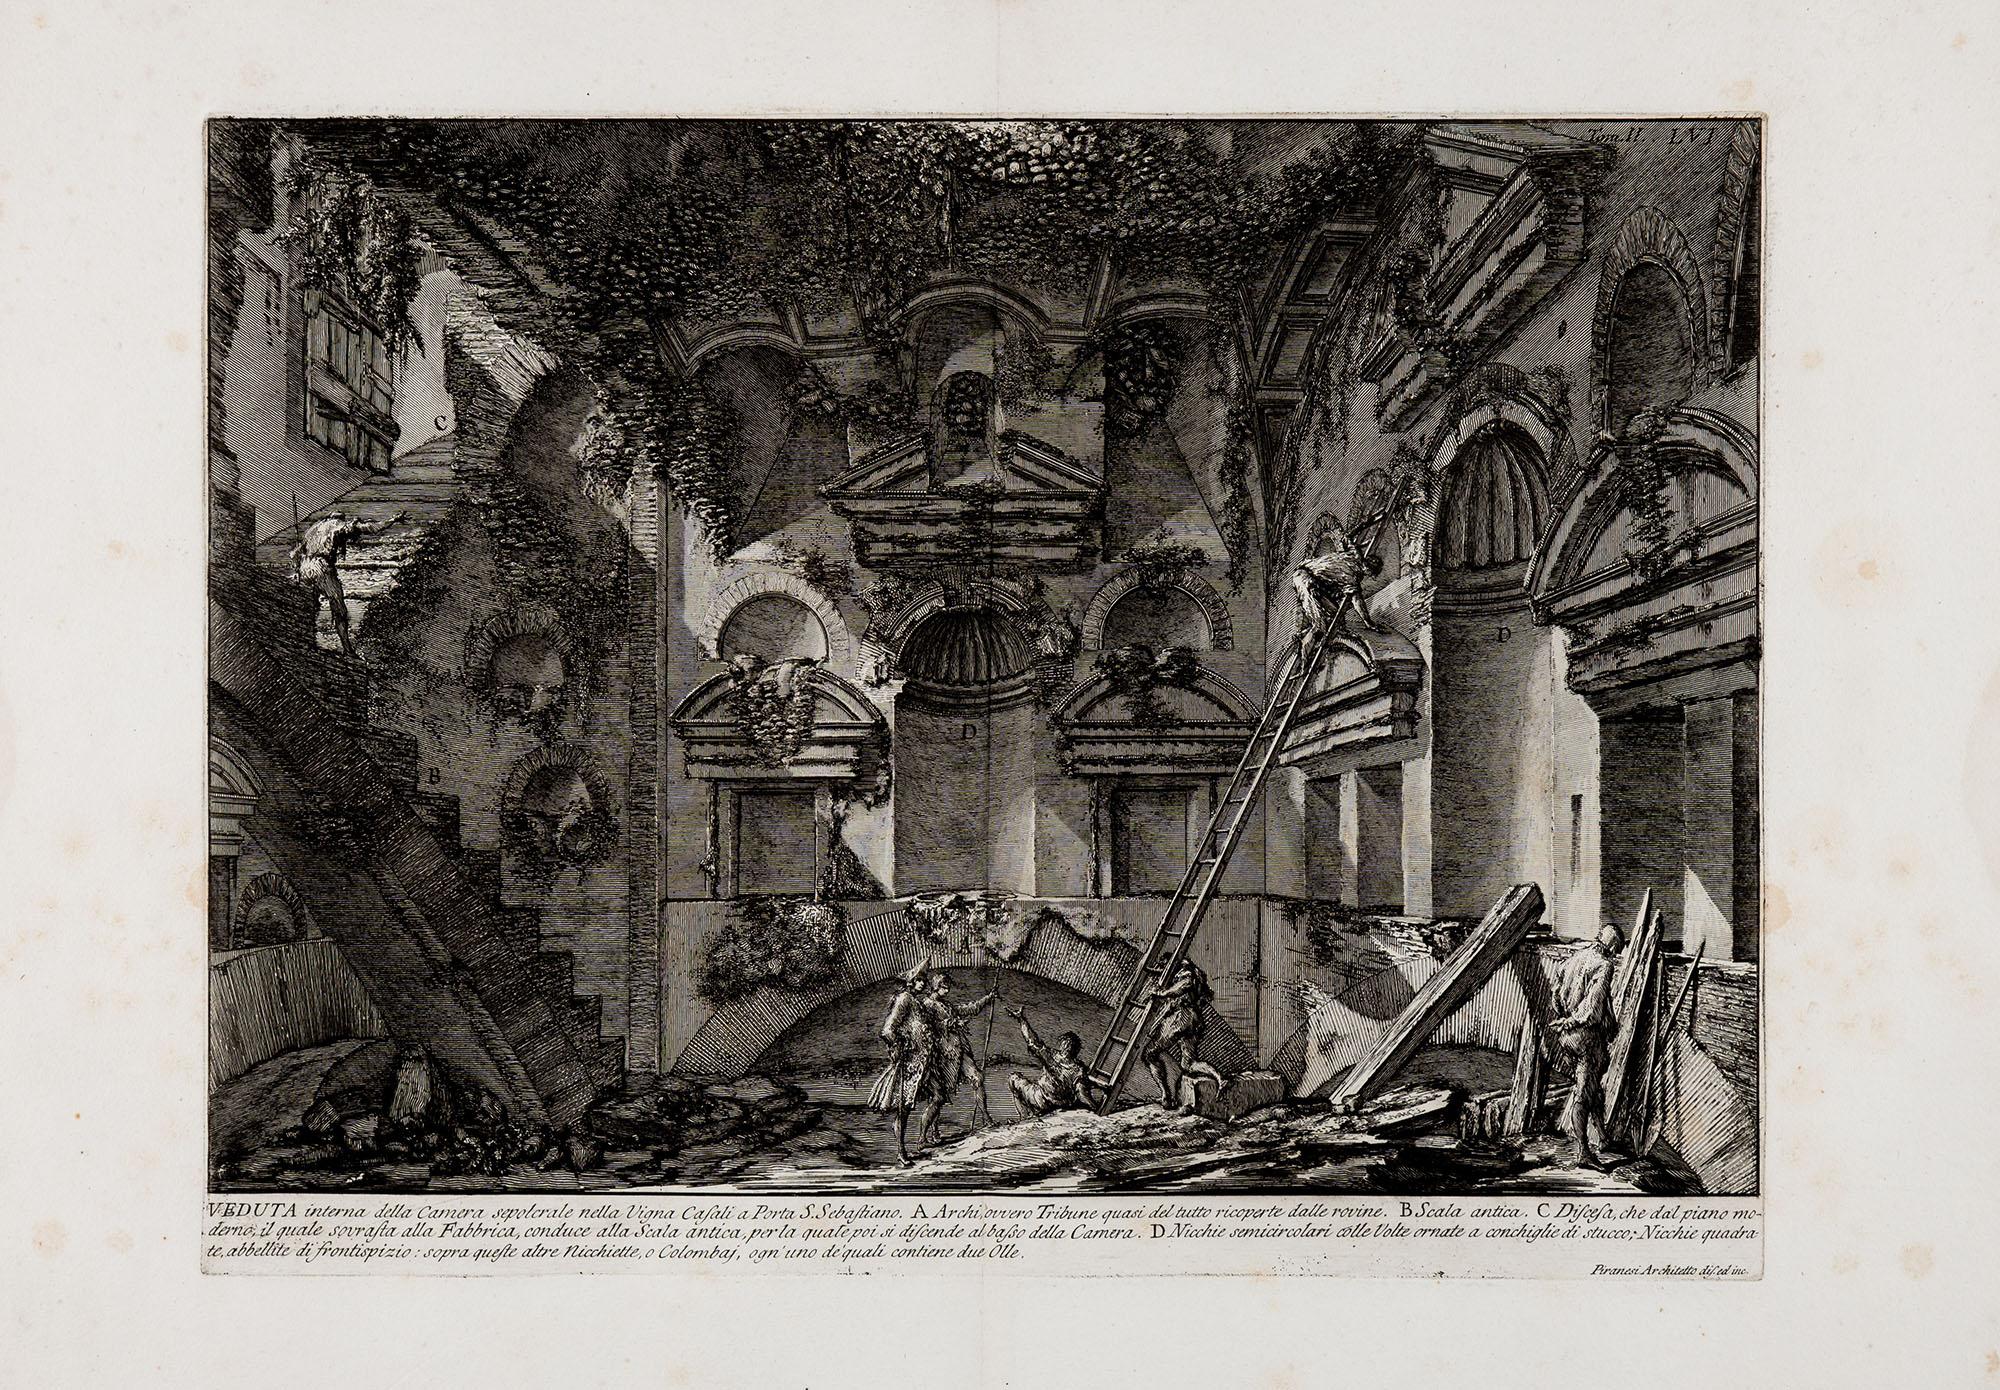 17. Veduta interna della Camera sepolcrale nella Vigna Casali a Porta S. Sebastiano